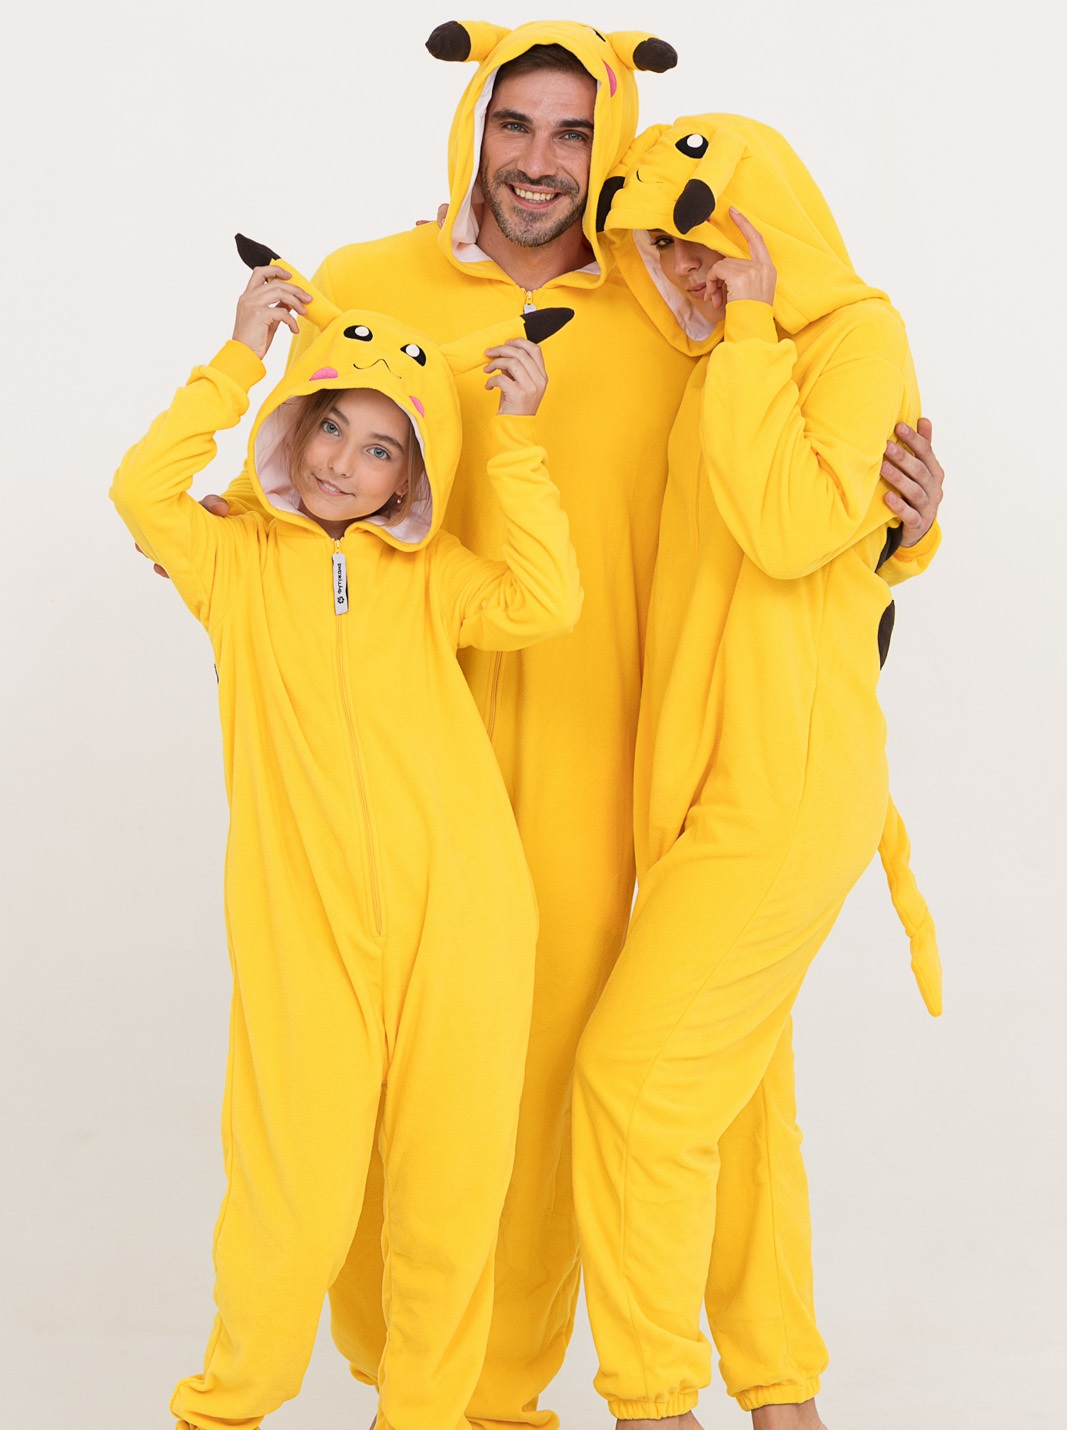 7c1edc7308d58 Пижама Пикачу, пижама-кигуруми - купить недорого цвета желтый с ...